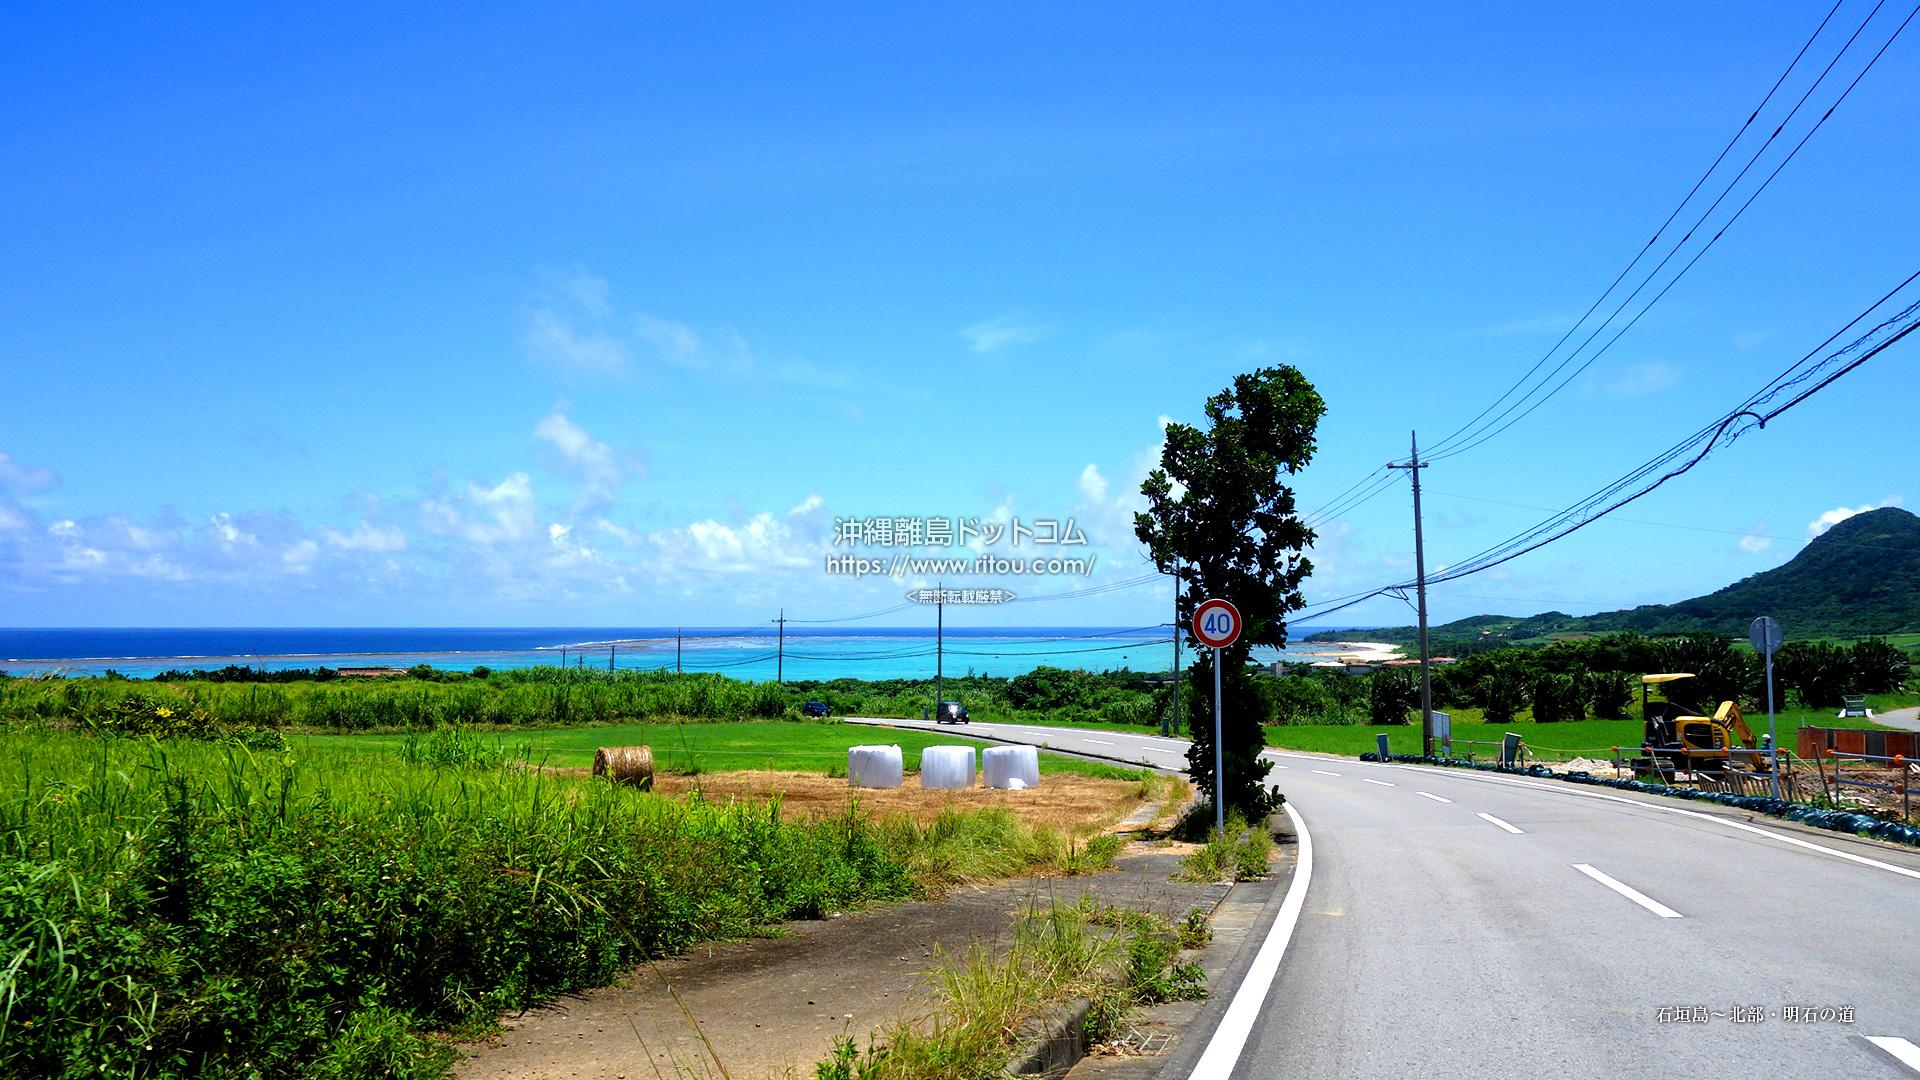 石垣島〜北部・明石の道